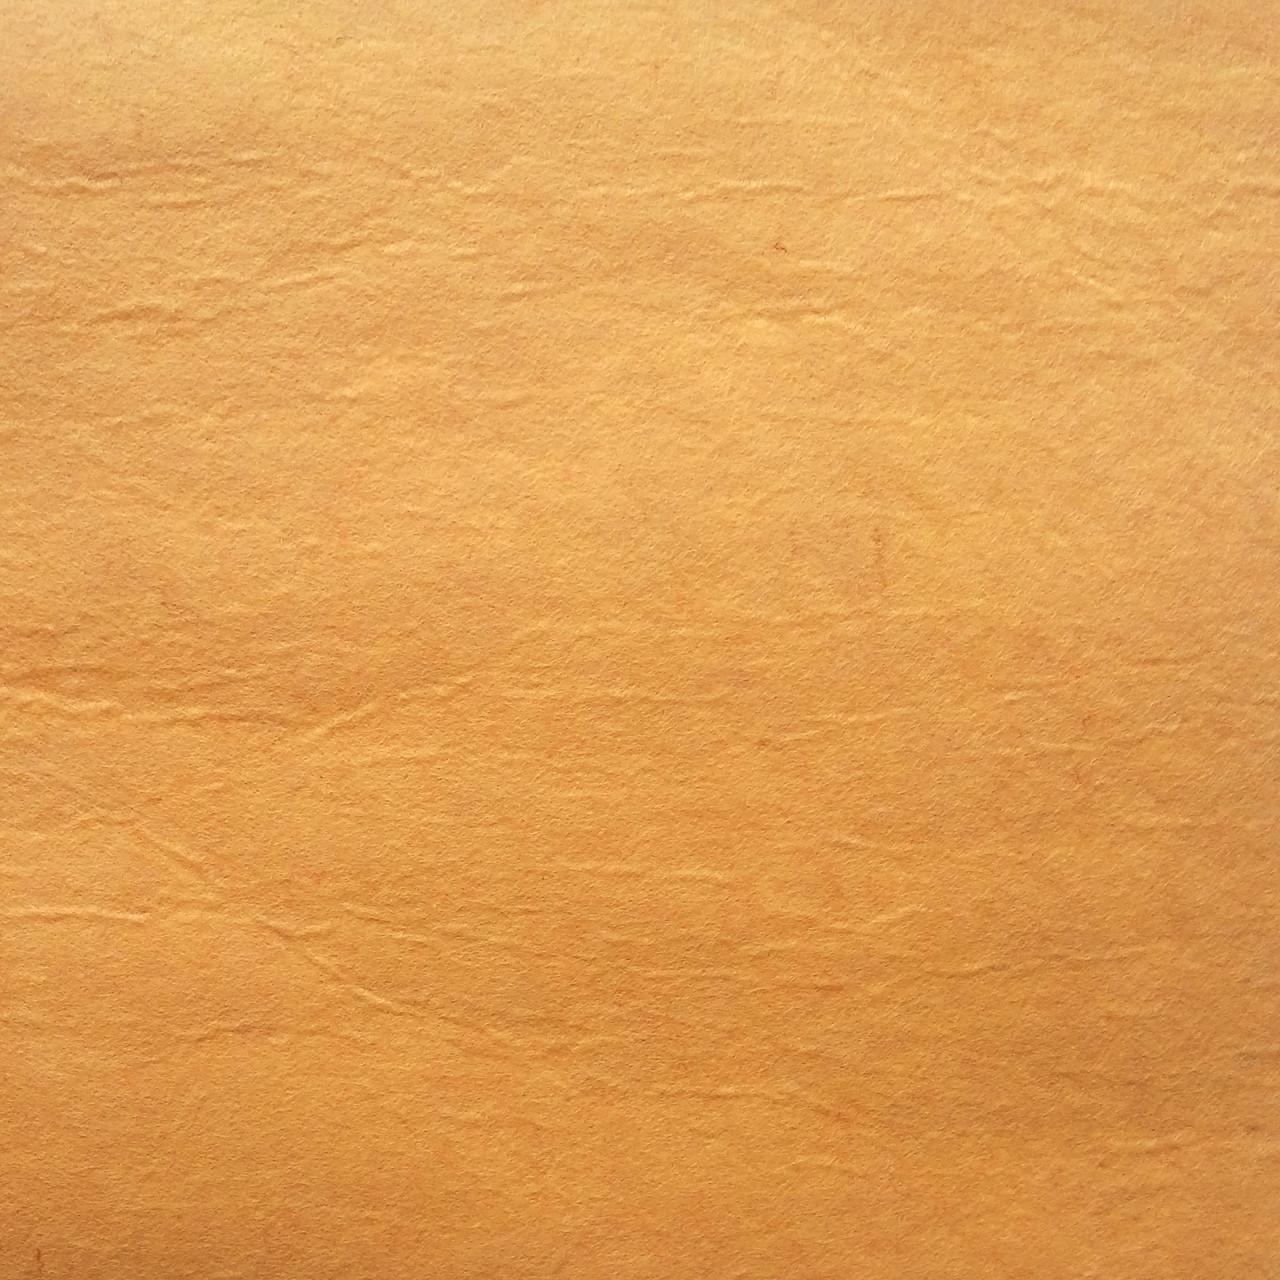 Фетр жесткий 1 мм, 20x30 см, БЕЖЕВЫЙ, Китай